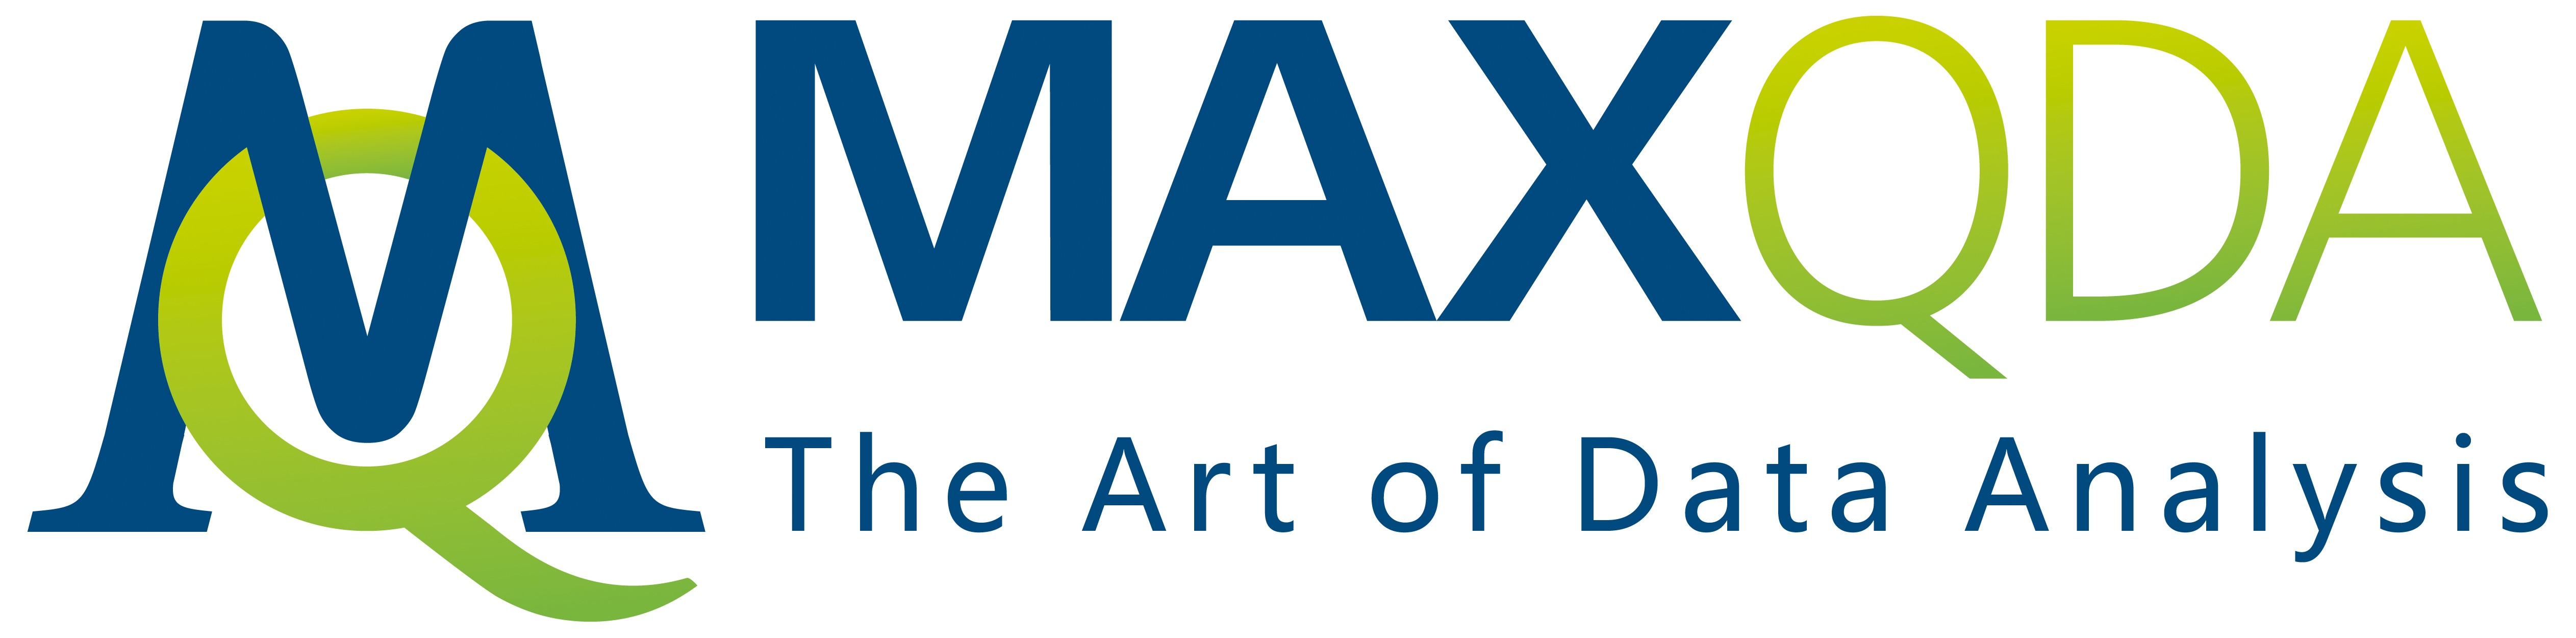 MAXQDA